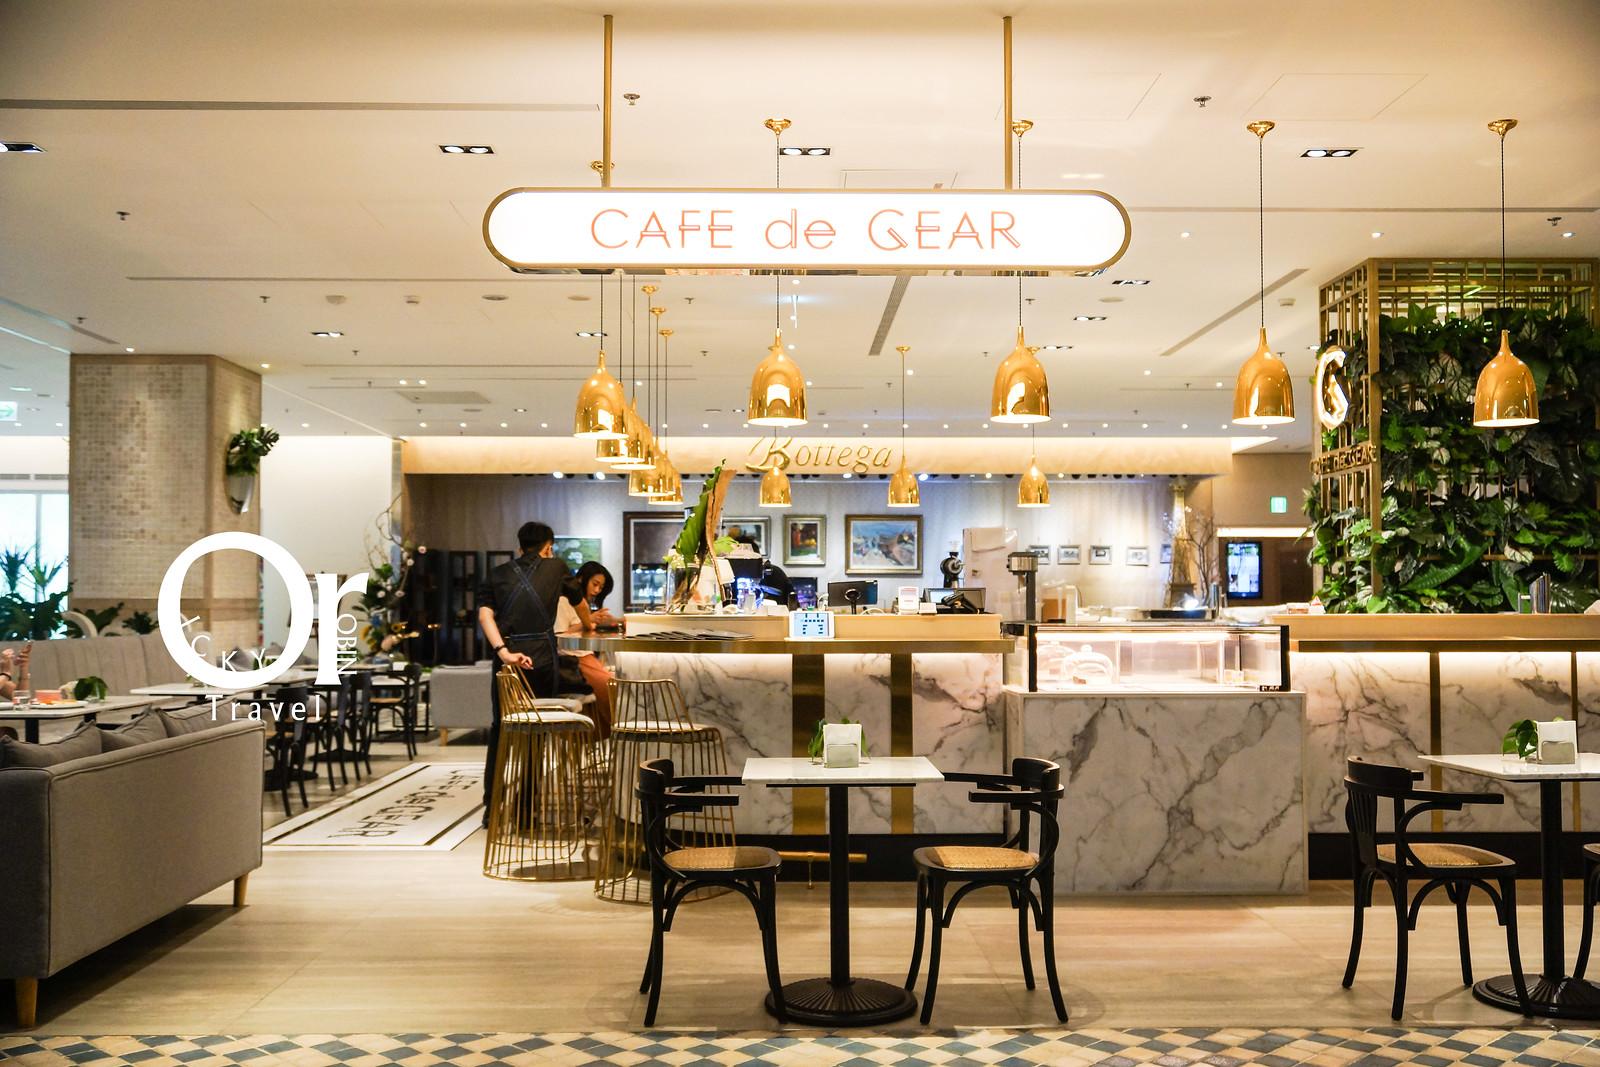 內湖美麗華美食|大直最美室內咖啡店、藏在萬豪酒店內的秘密基地,知名老洋房咖啡廳新分店-Cafe de Gear Marriott